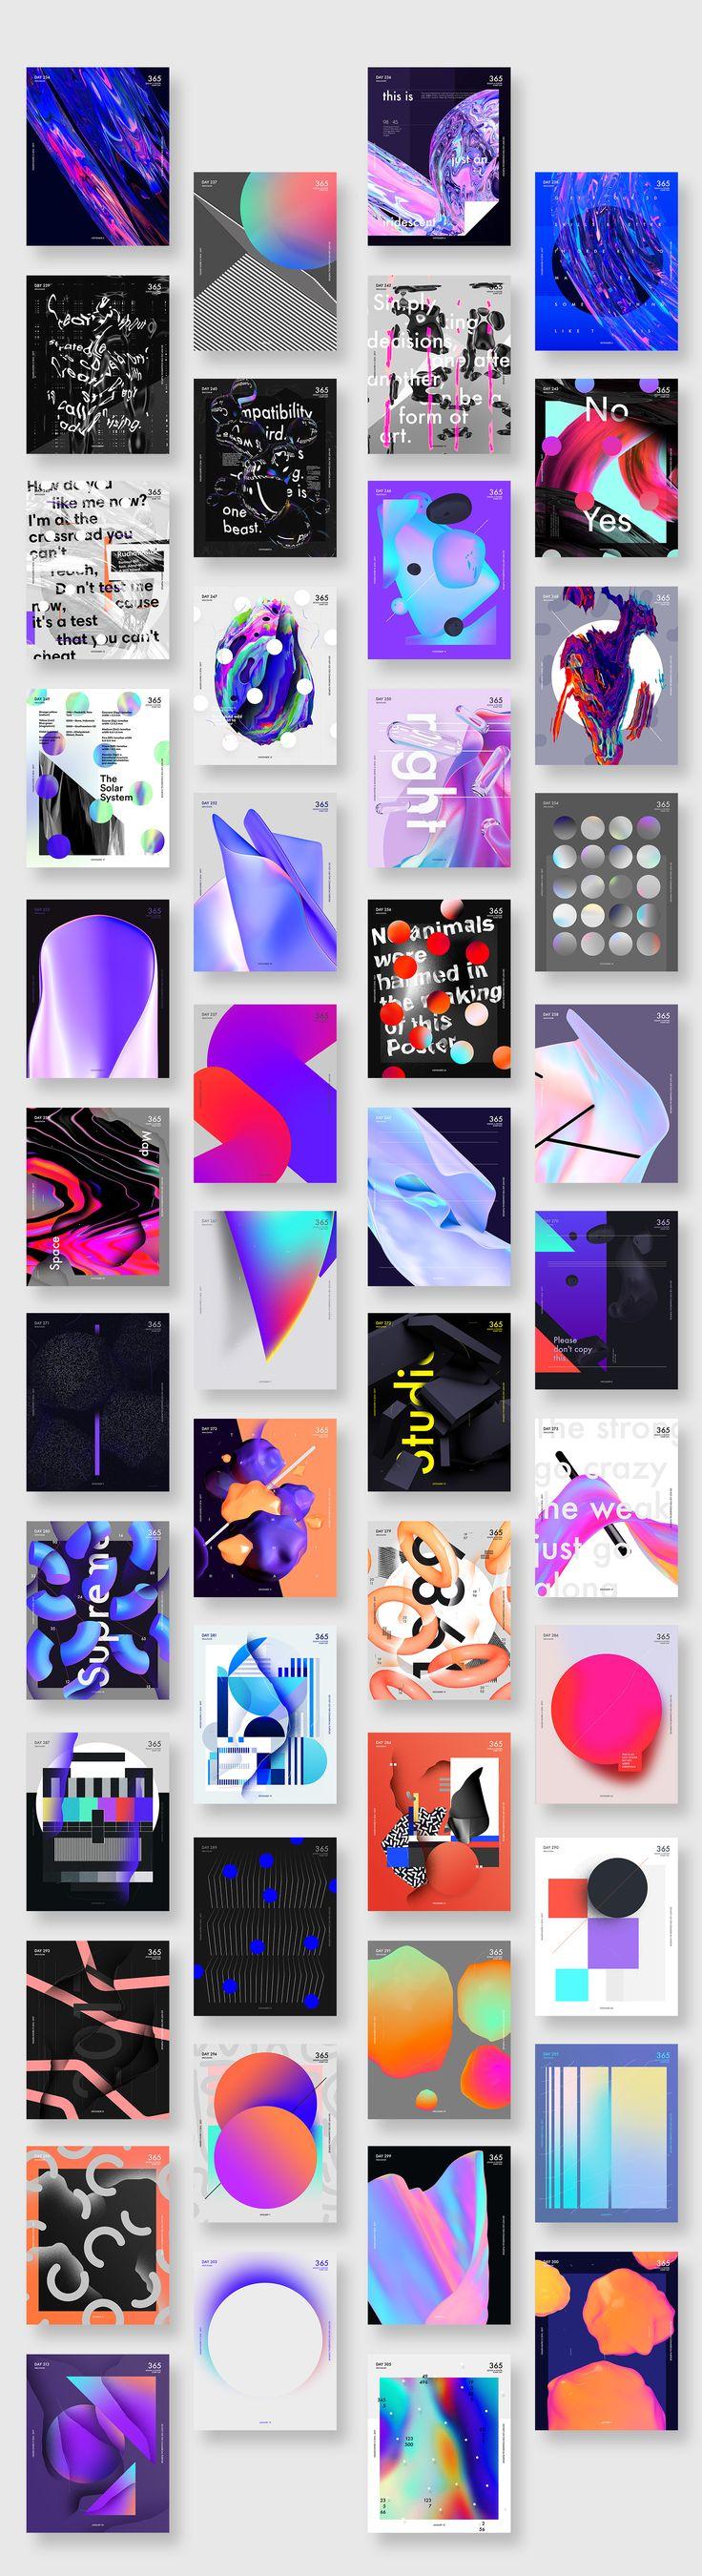 Graphic Design: Baugasm 365 Posters